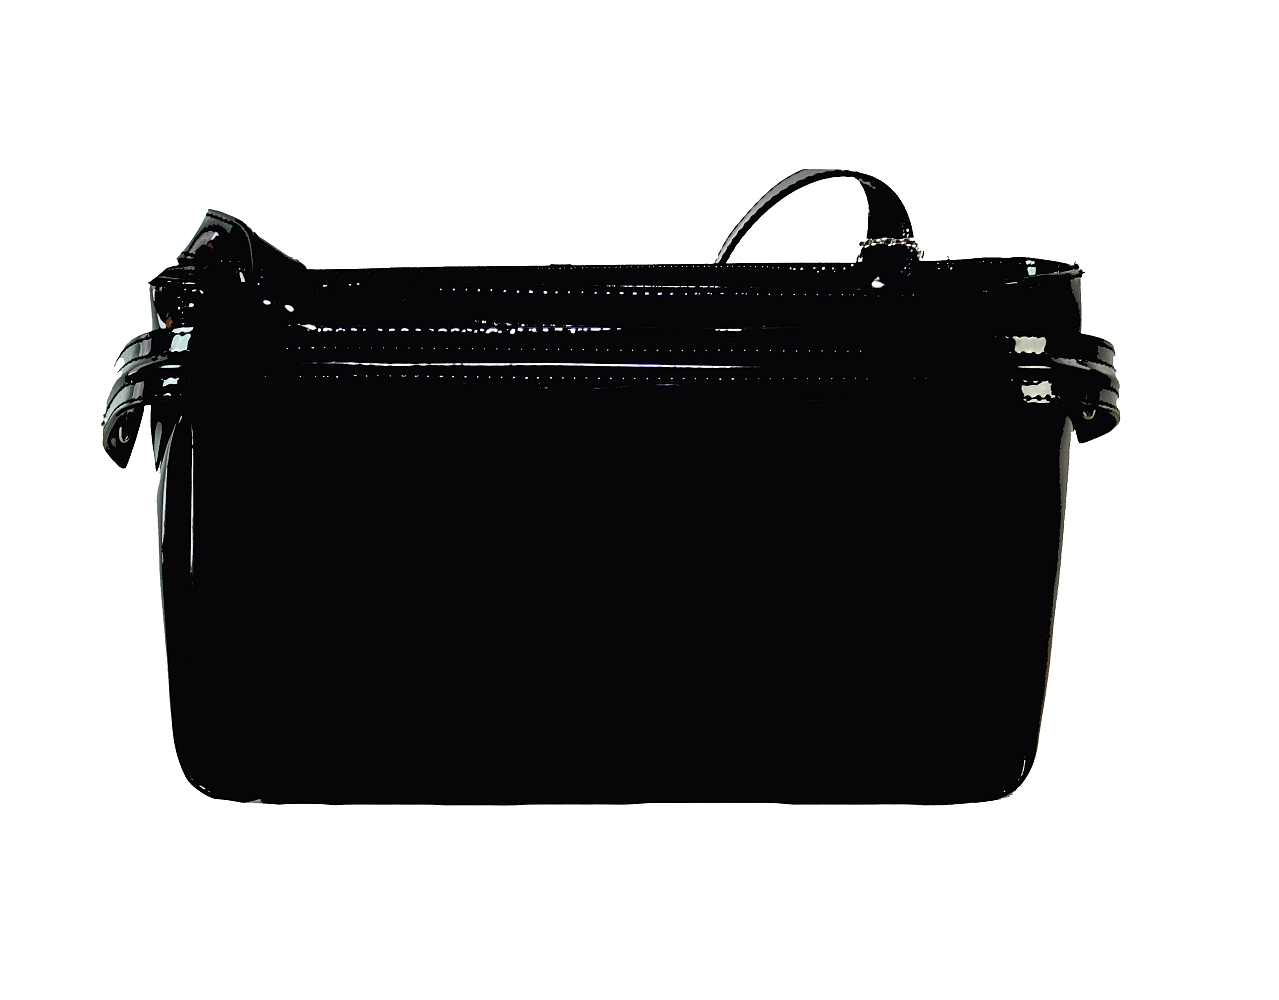 Armani Jeans Tasche Handtasche f. Damen 922527 CC855 00020 nero HW16